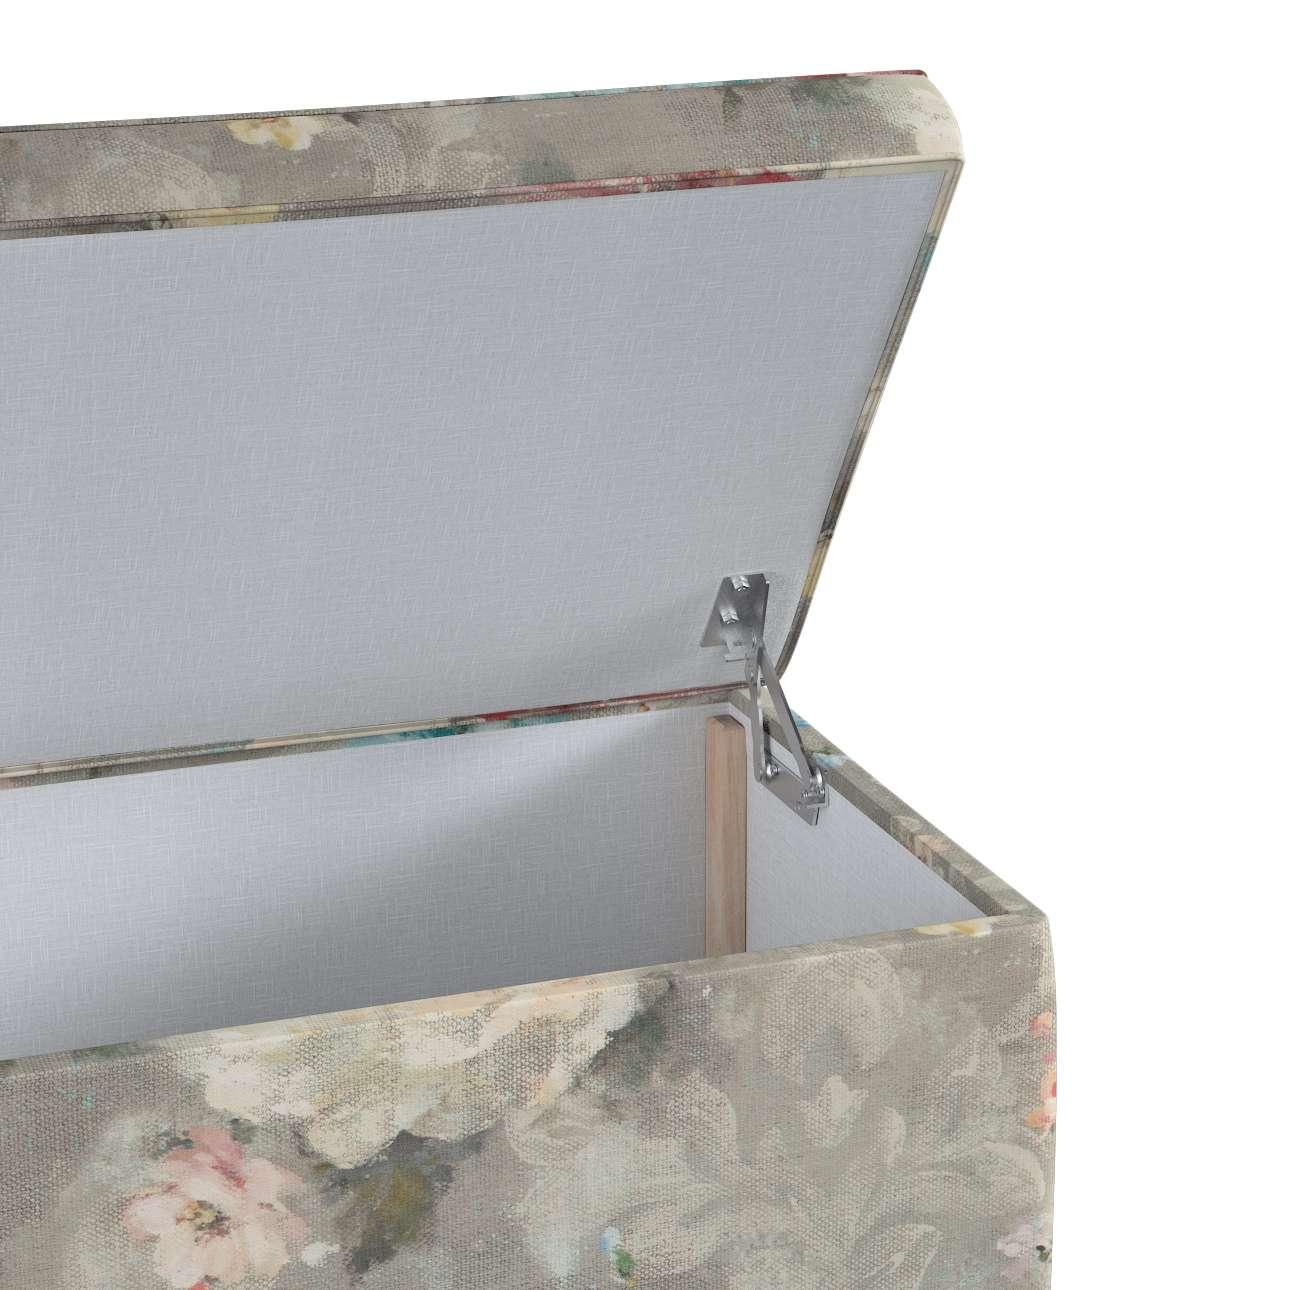 Skrzynia tapicerowana w kolekcji Monet, tkanina: 137-81